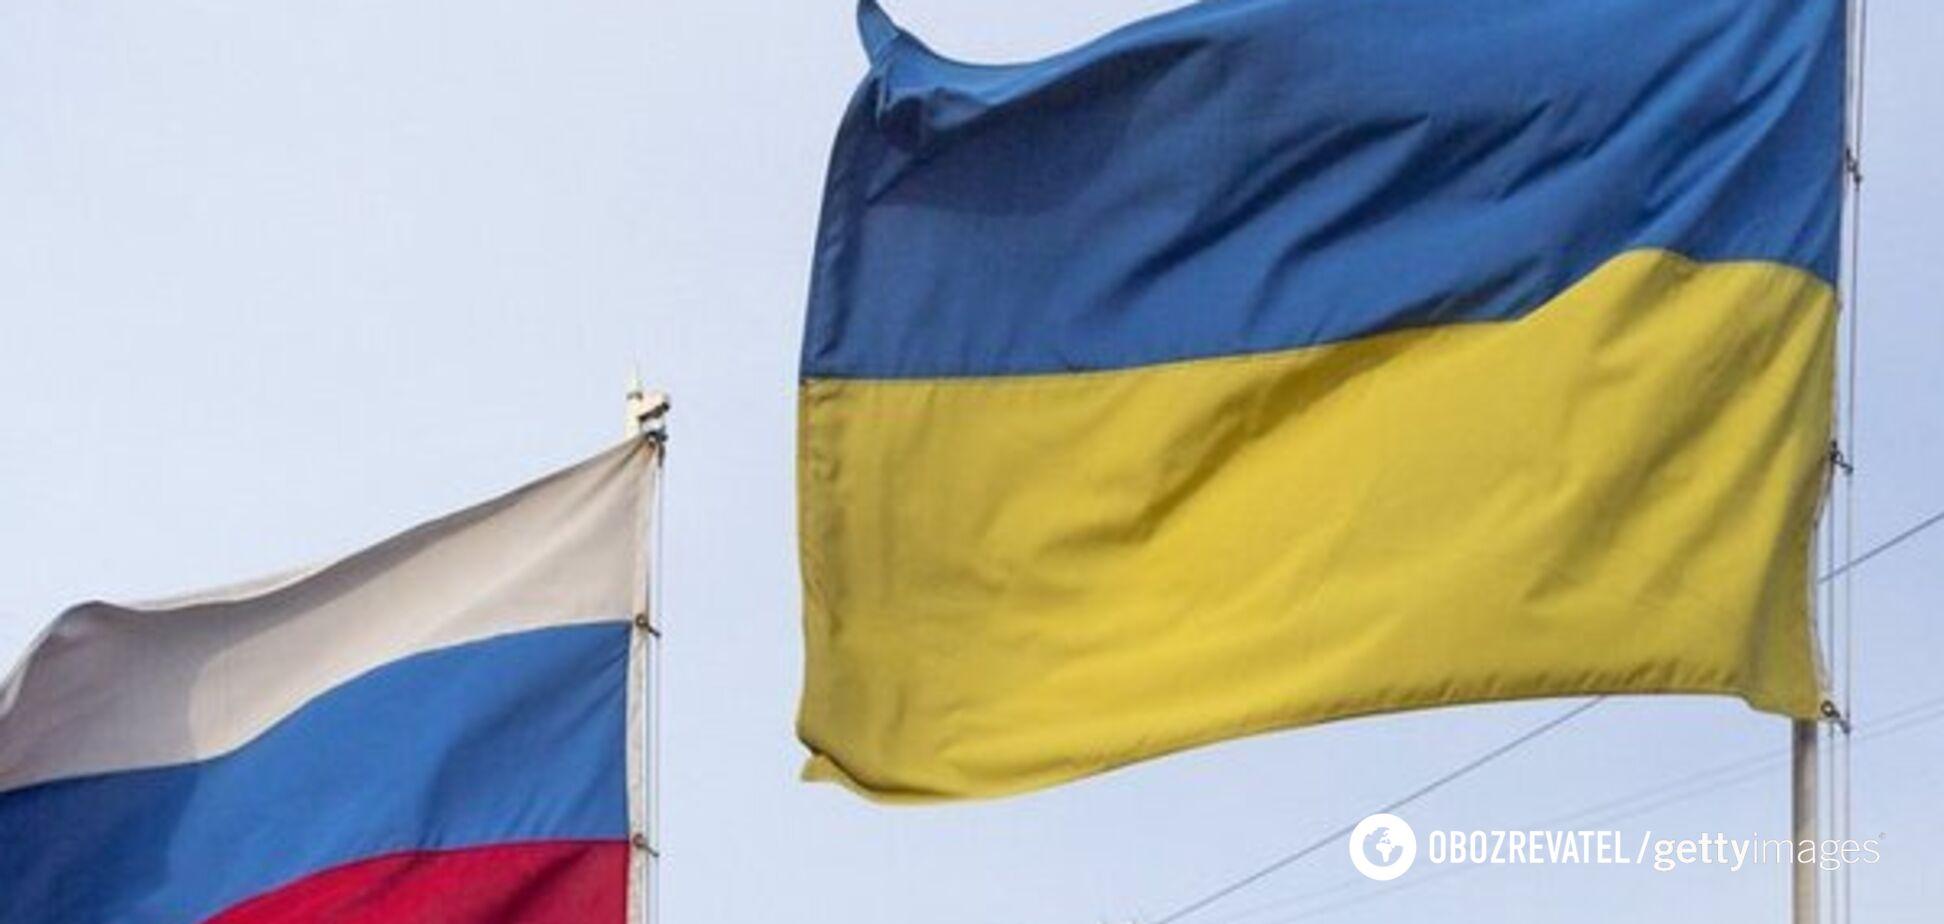 Україна запропонує Росії новий контракт на транзит газу: 'Нафтогаз' розкрив деталі